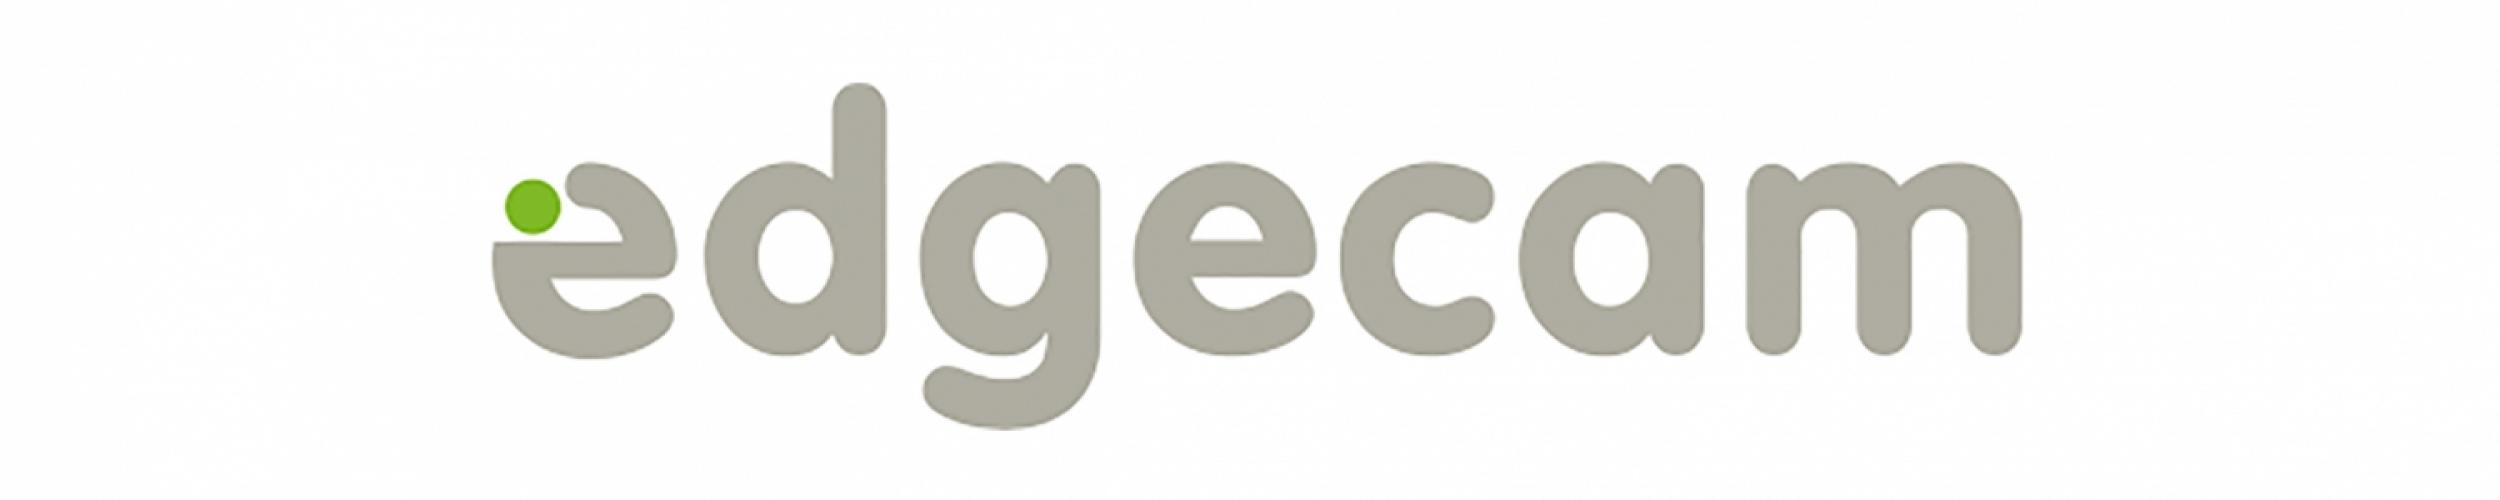 Edgecam 2018 R1 beschikbaar